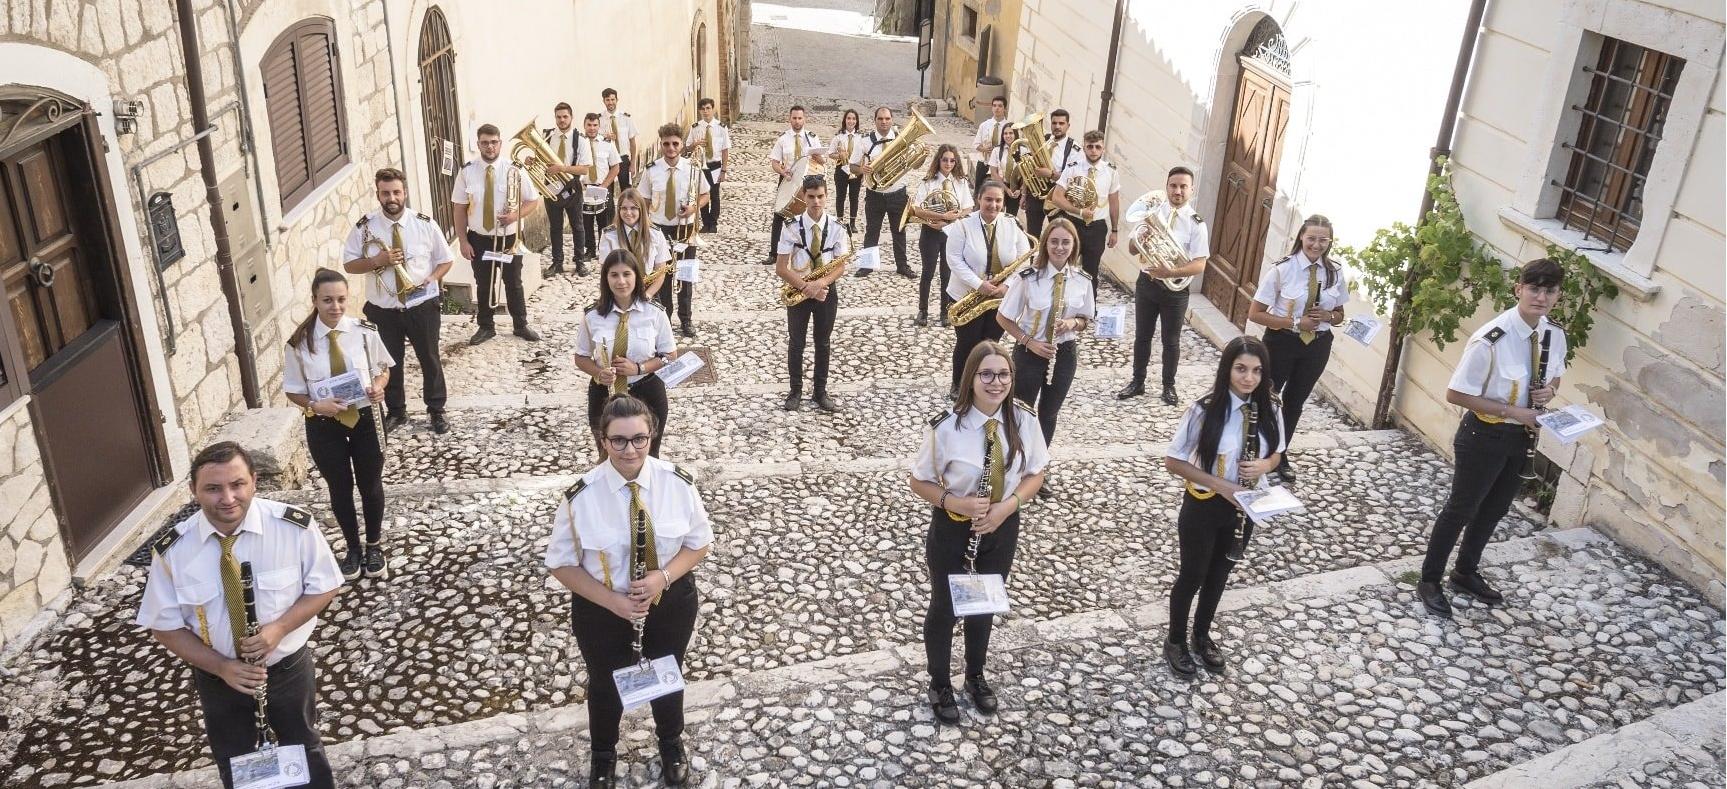 Associazione Culturale Musicale Fontamara